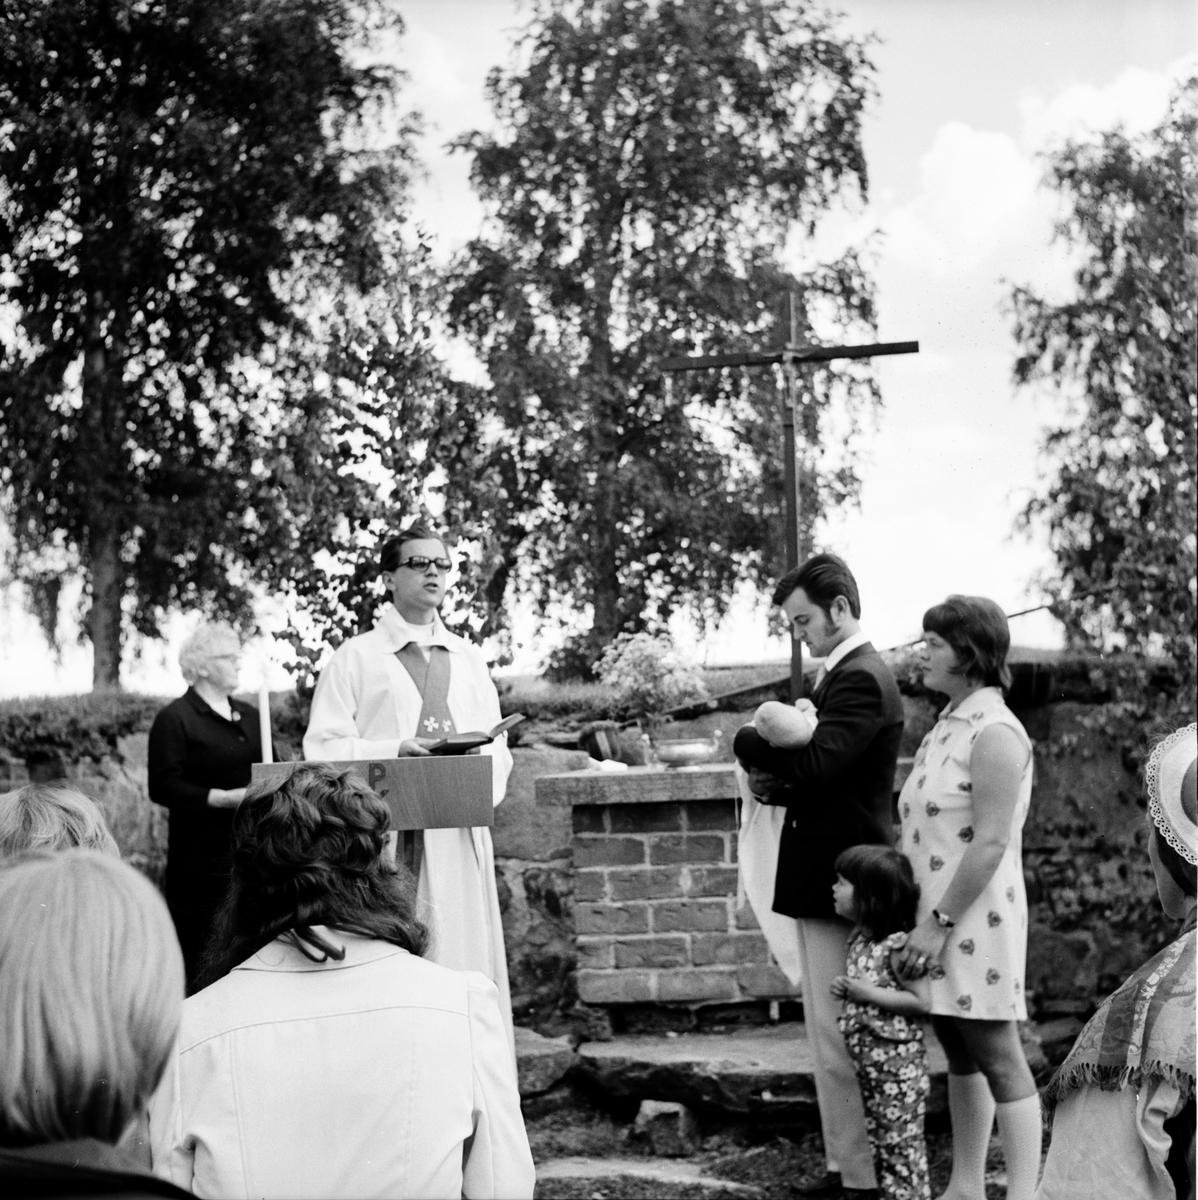 Gudstjänt i ruinen. Undersvik. Juni 1972